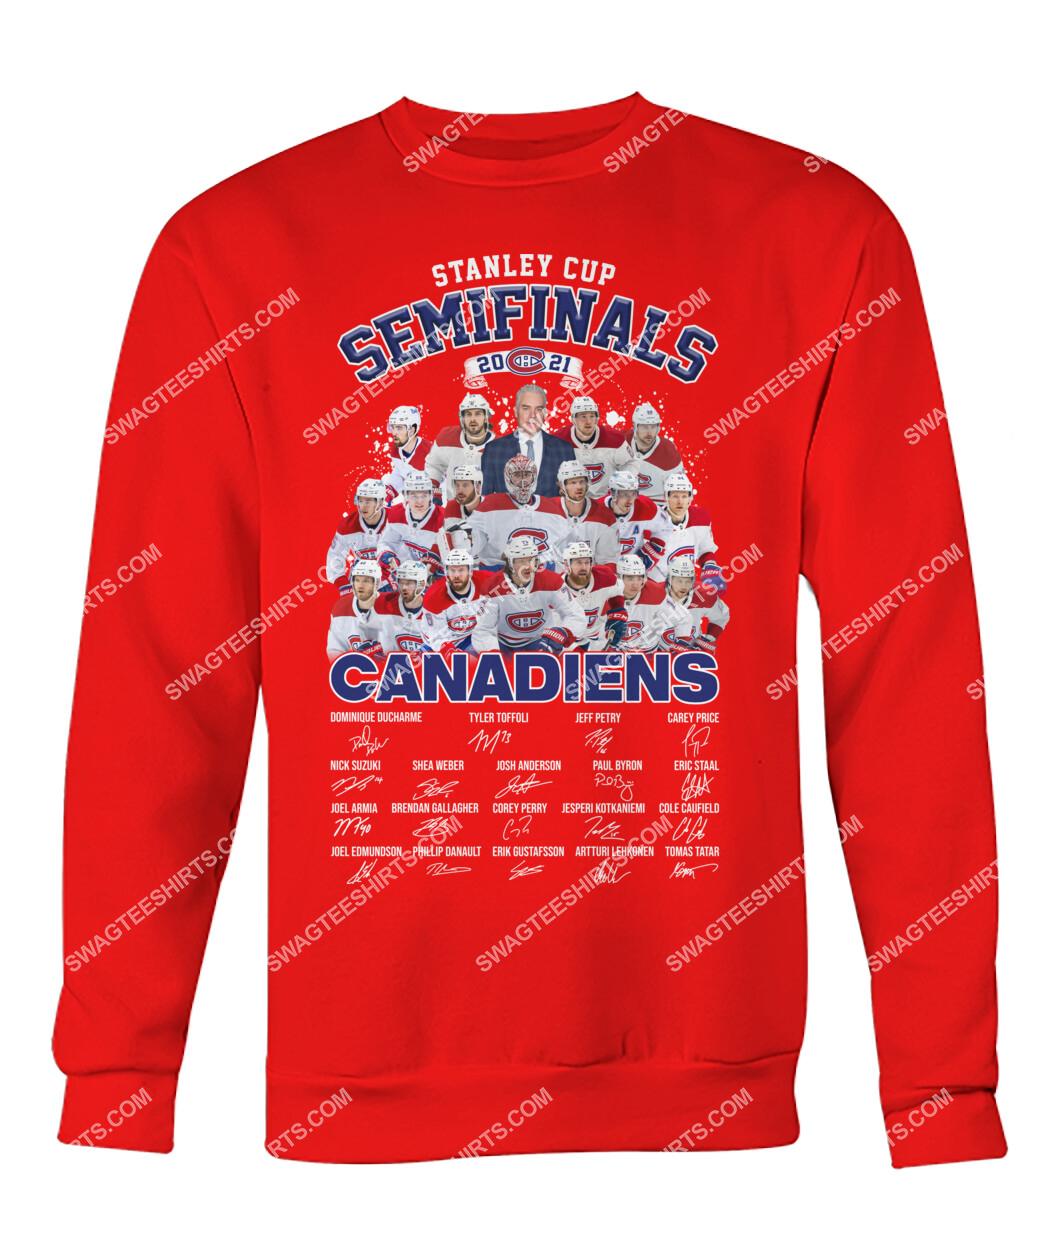 astanley cup semifinals 2021 montreal canadiens signatures sweatshirt 1